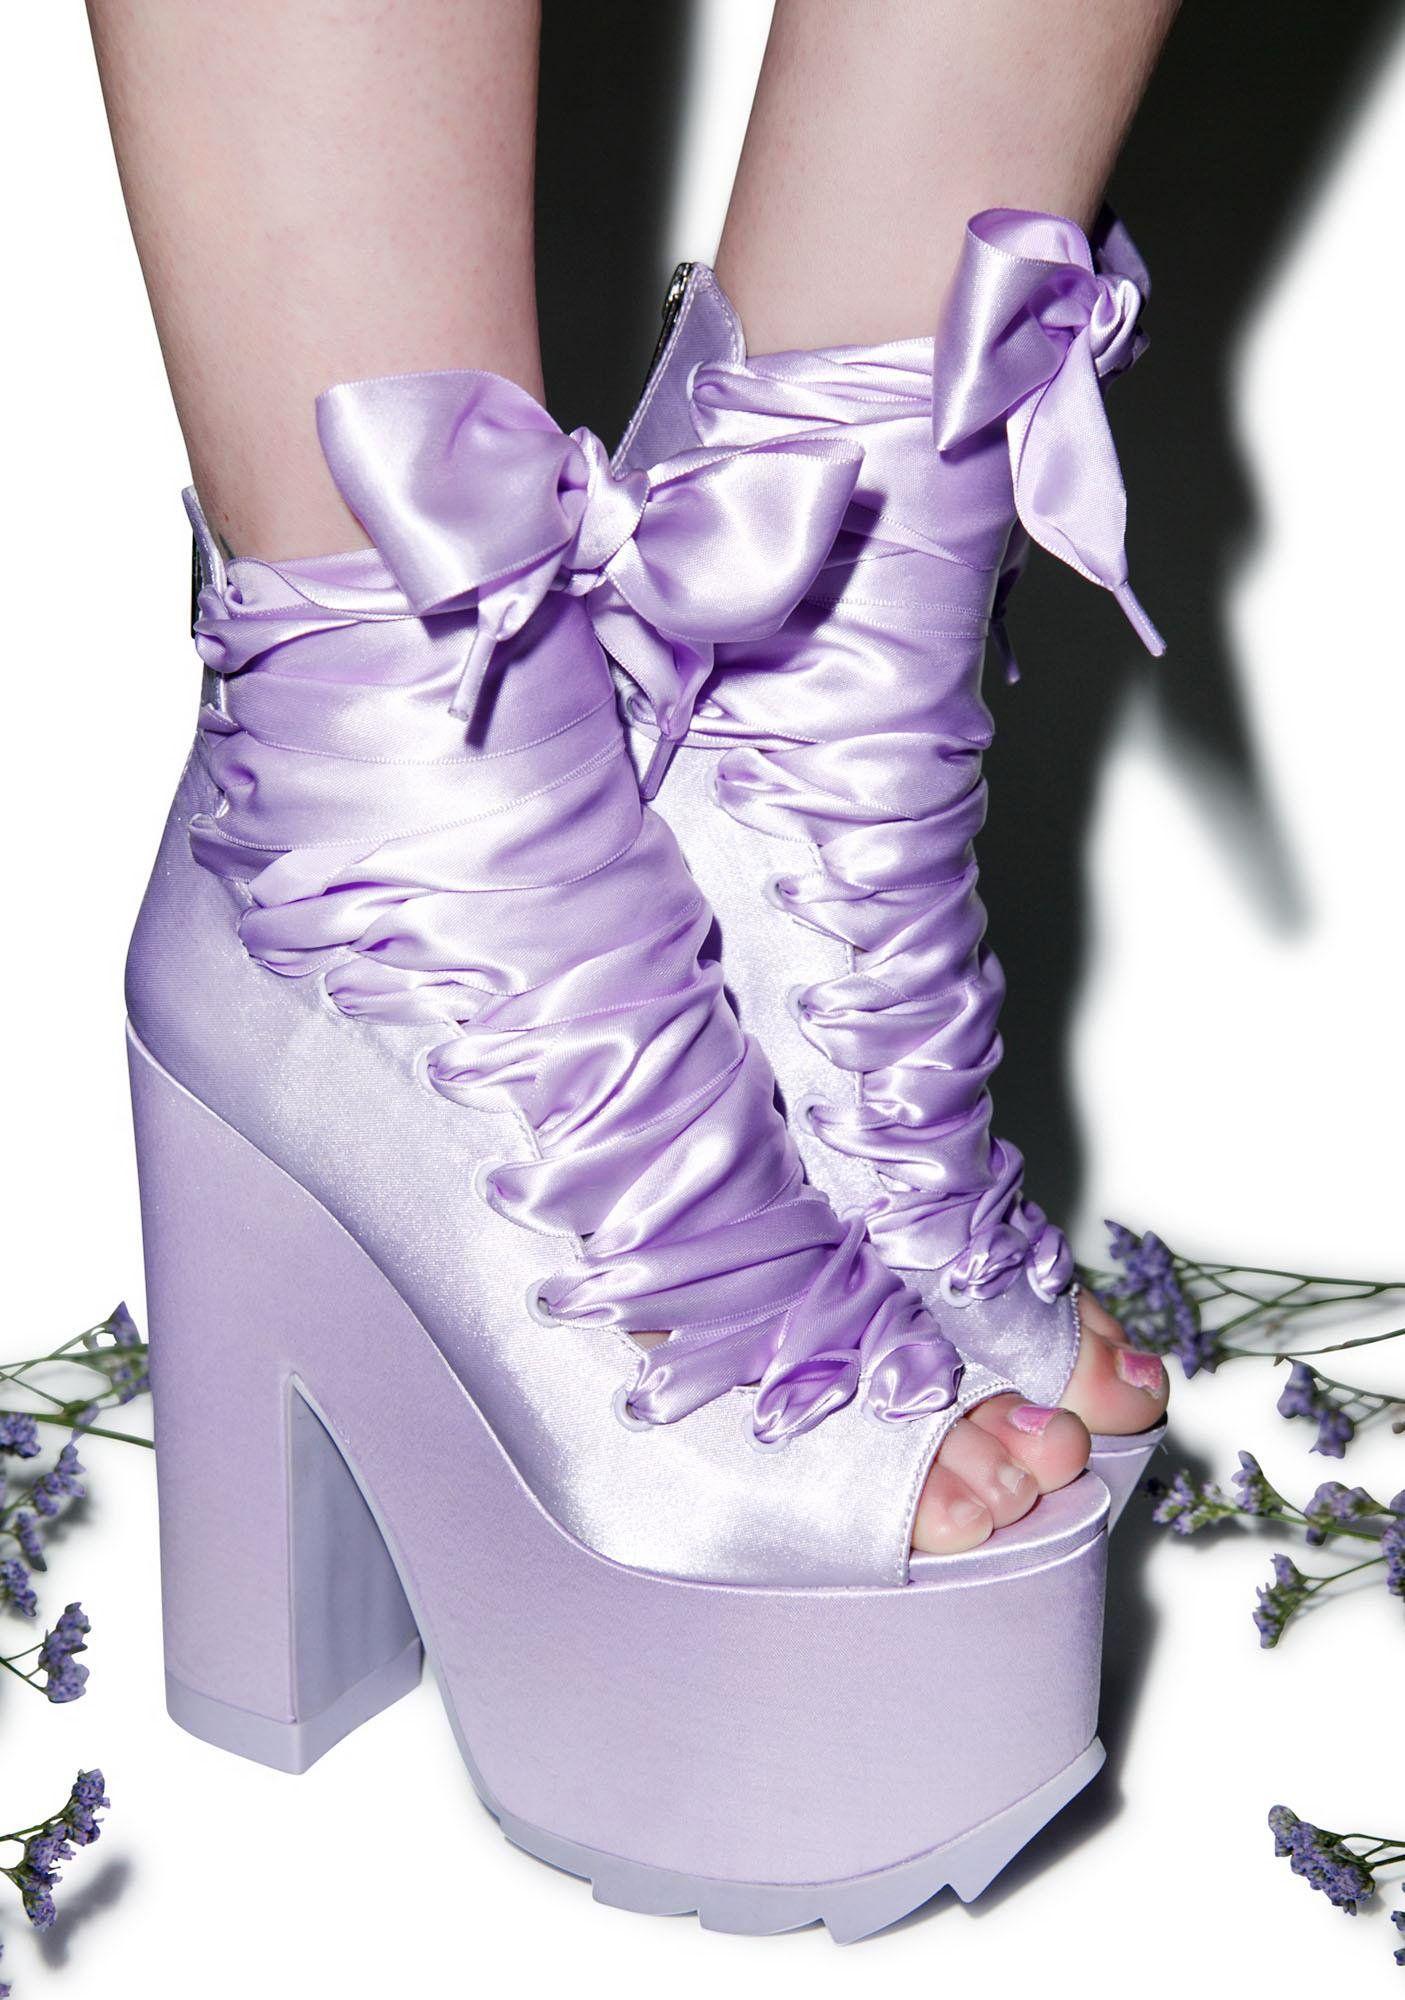 302b8a97edc Y.R.U. x Dolls Kill Ballet Bae Satin Platforms Y.R.U. X Dolls Kill Ballet  Bae Satin Platforms